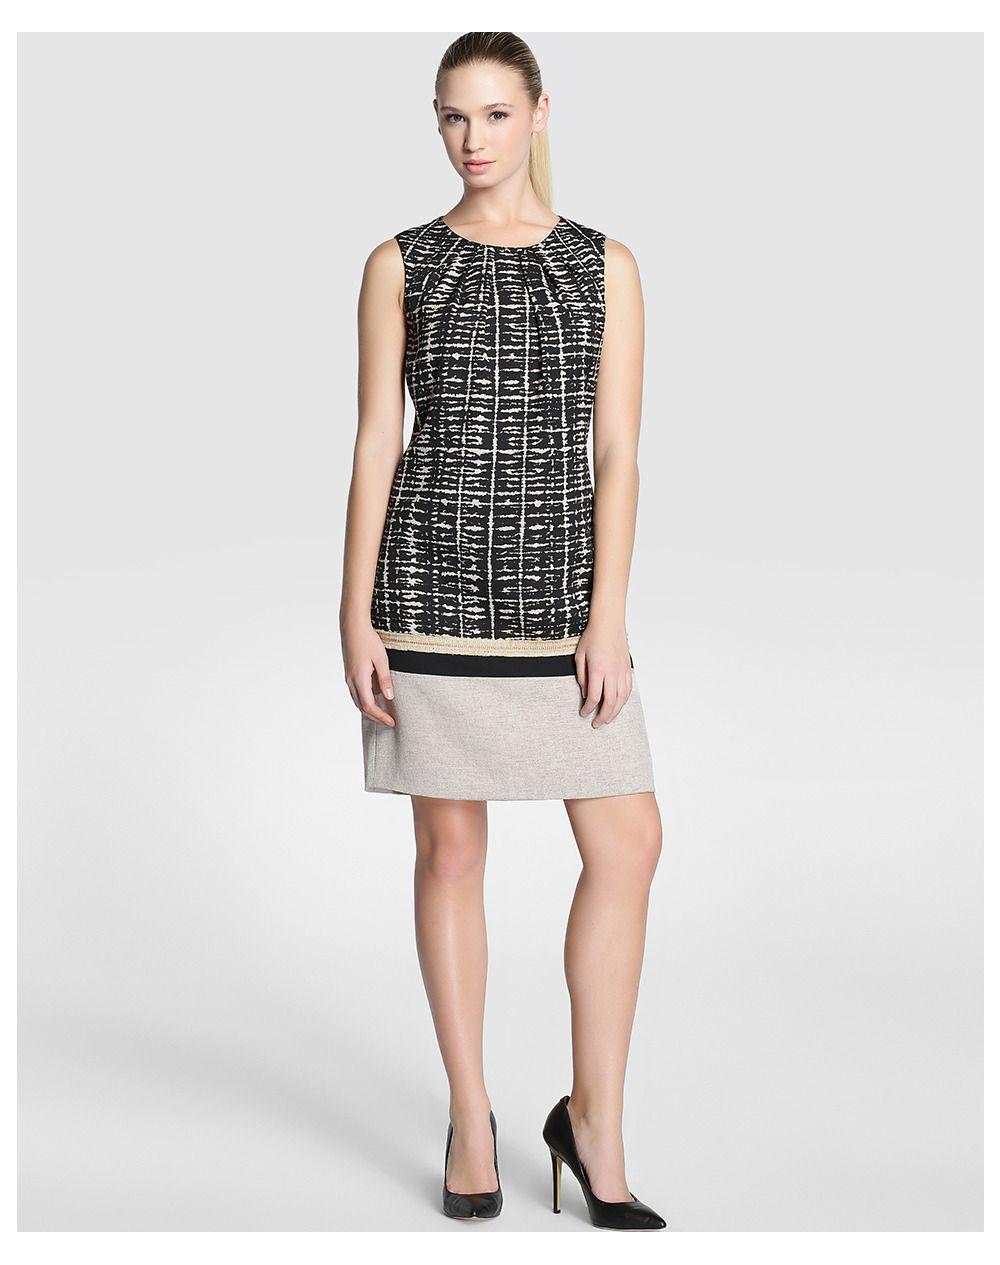 de244ae53b Descubre toda la moda online al mejor precio en El Corte Inglés  moda para  mujer y hombre